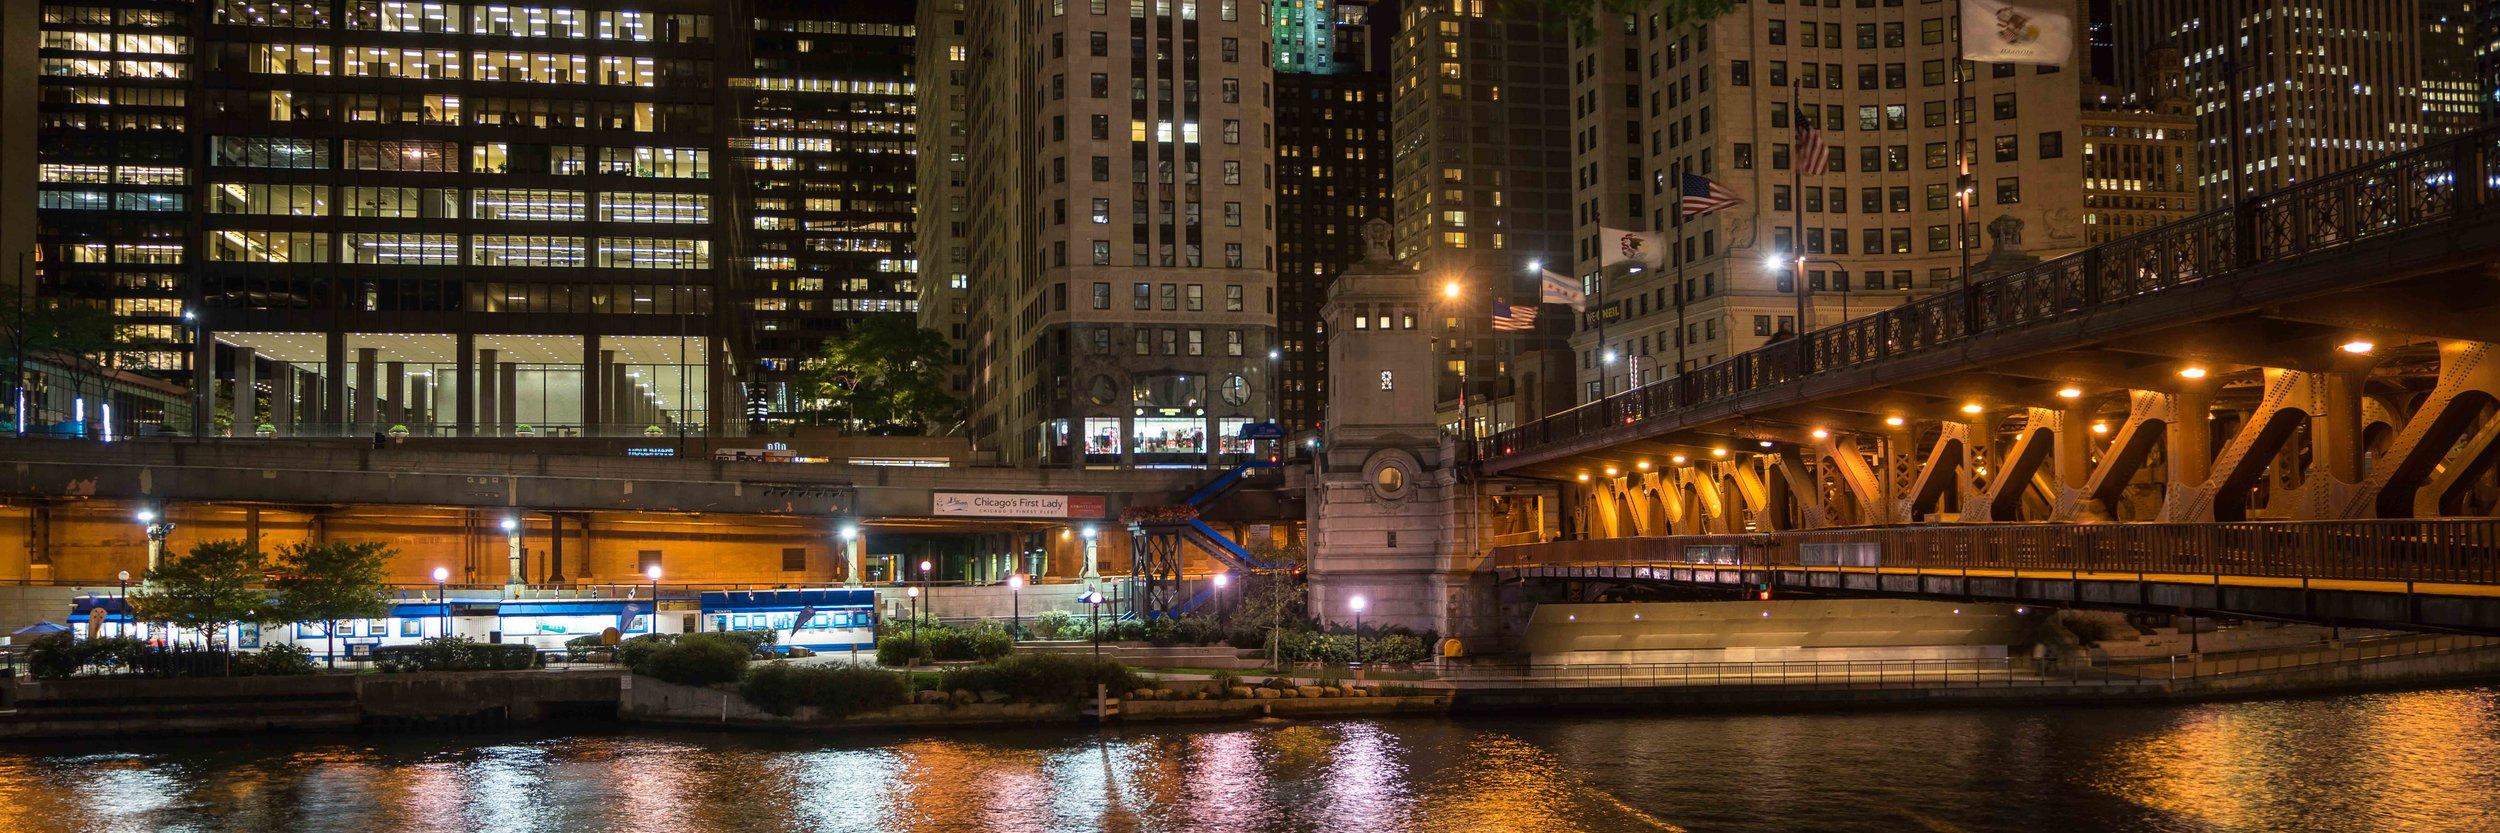 Chicago 1-7.jpg